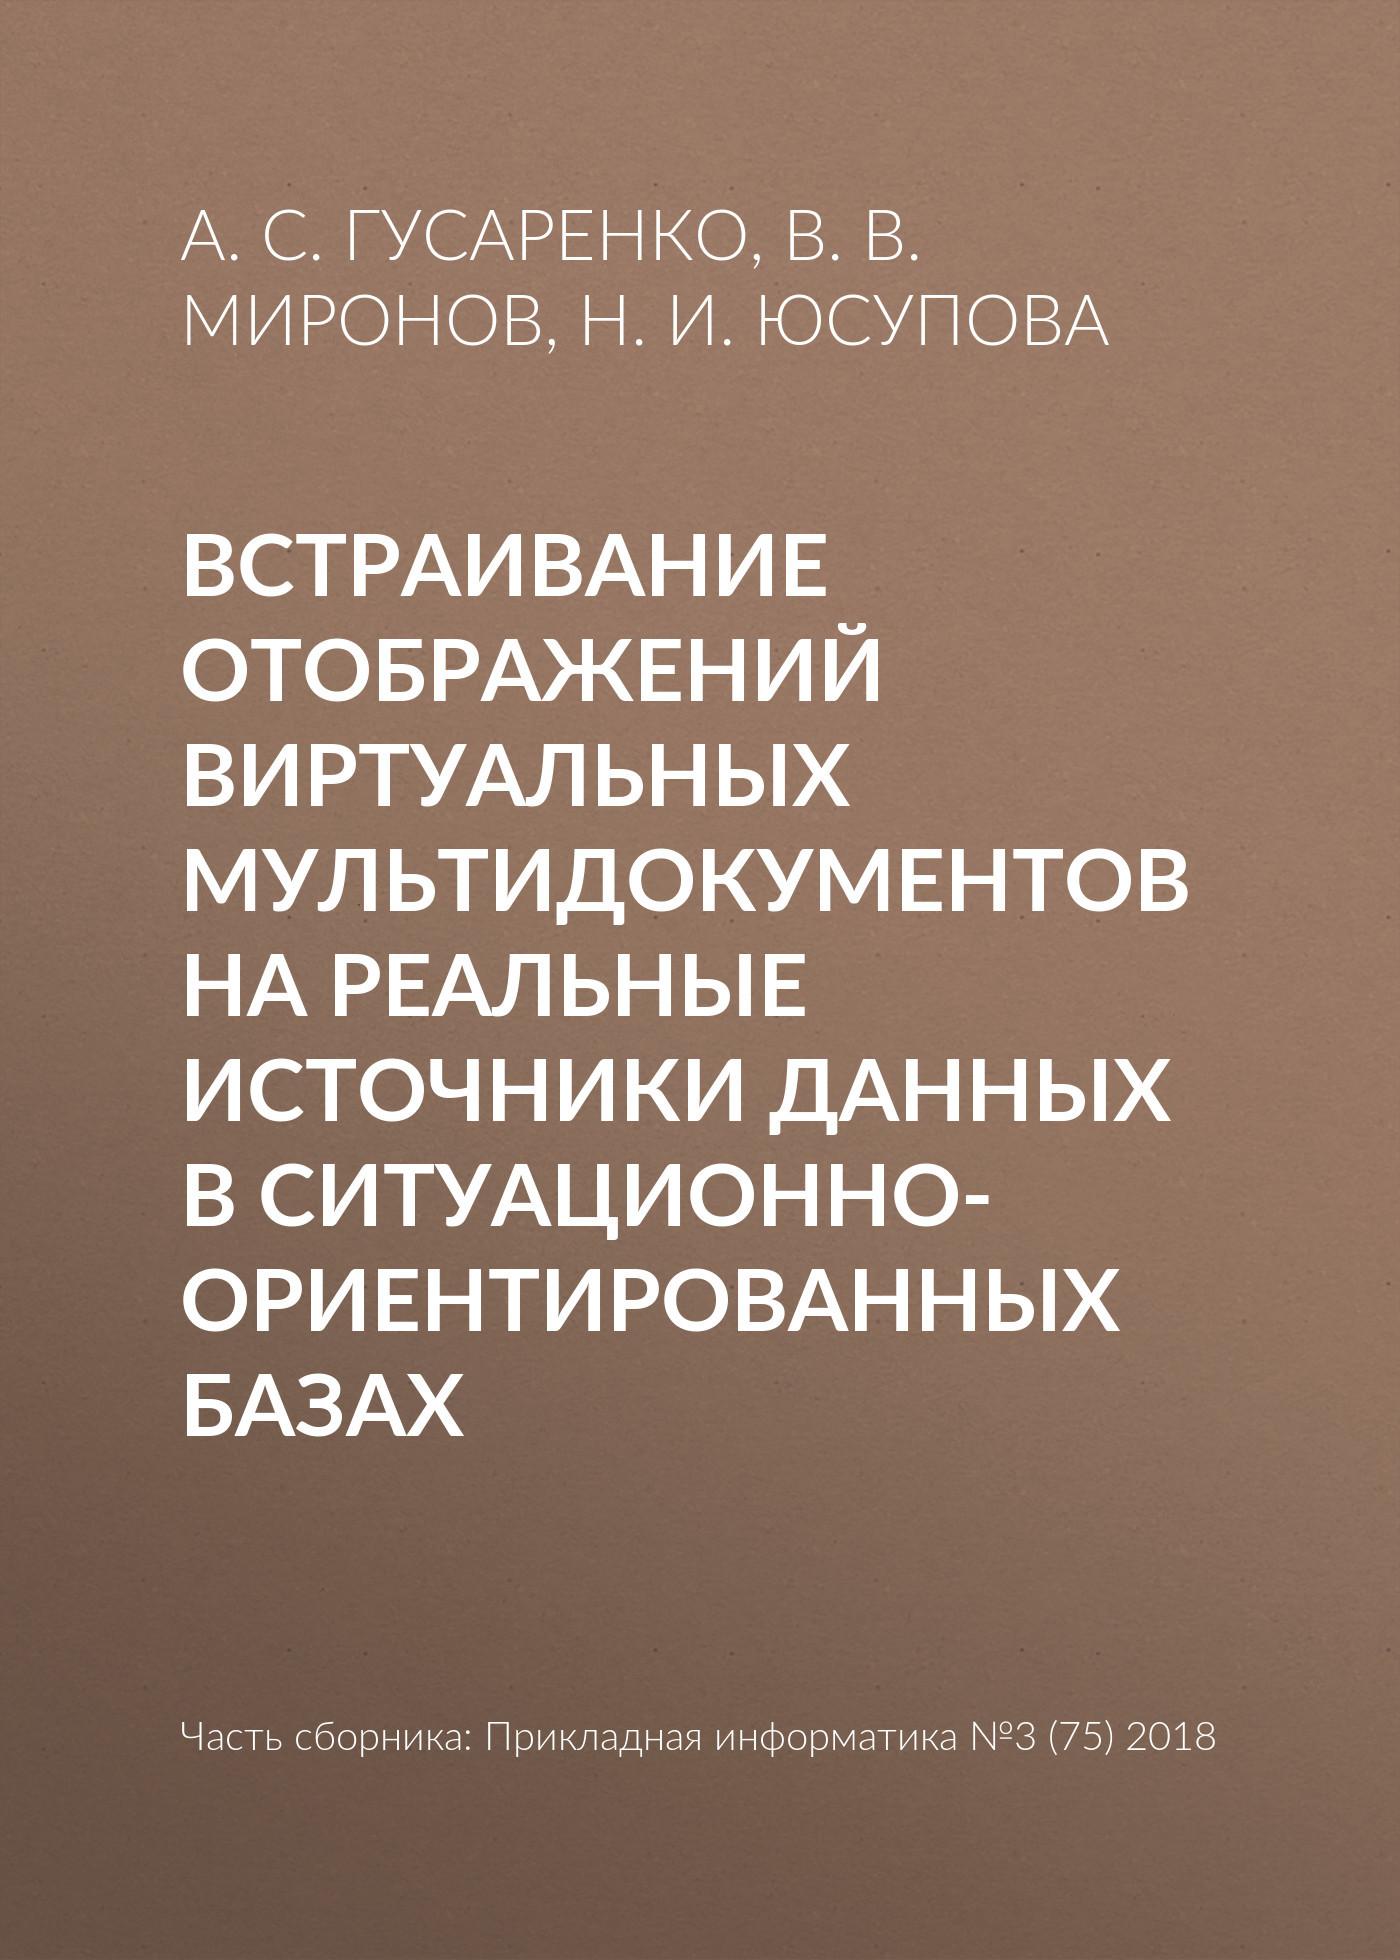 А. С. Гусаренко Встраивание отображений виртуальных мультидокументов на реальные источники данных в ситуационно-ориентированных базах